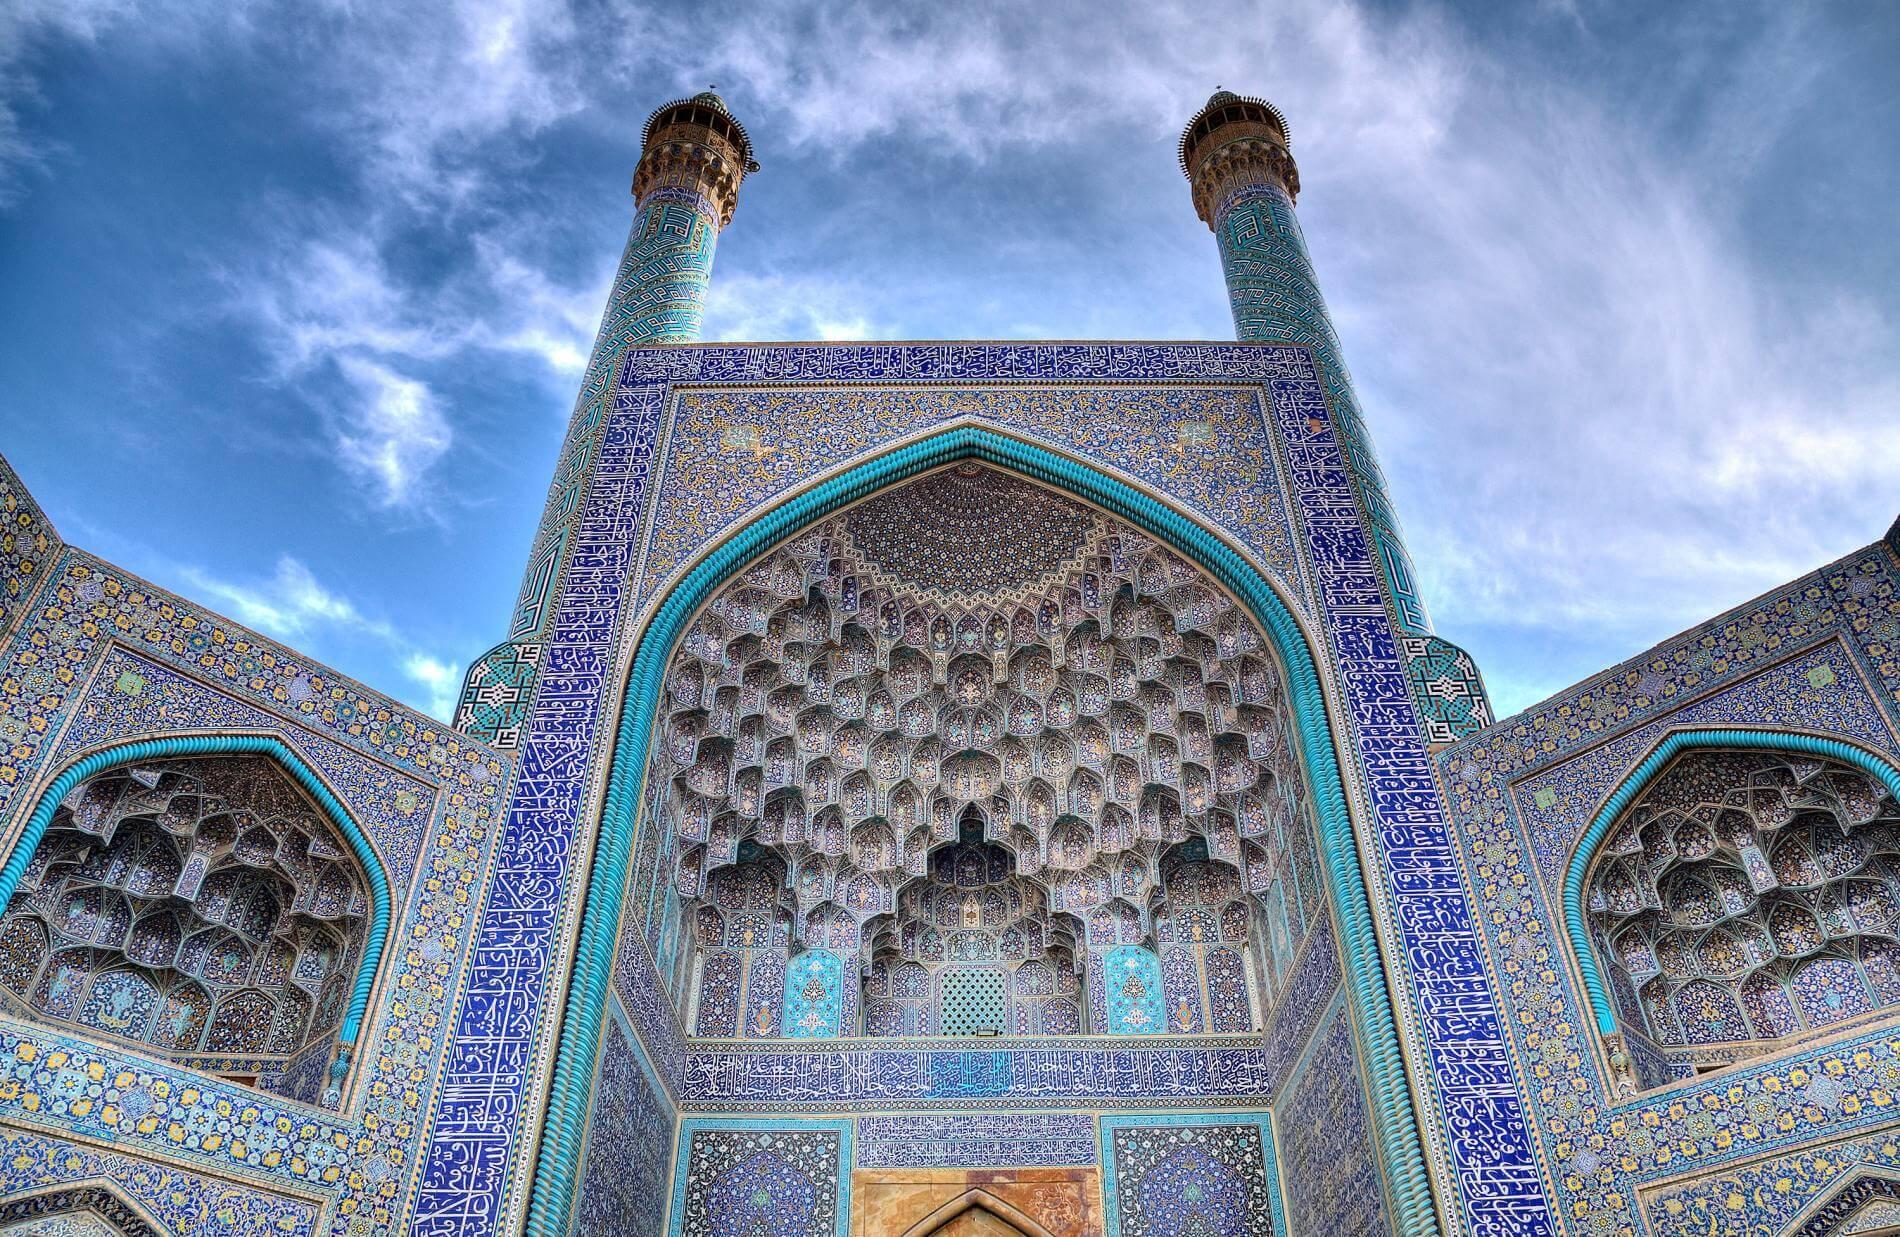 زیباترین موزاییک کاری های دنیا کجا هستند؟ ۹ بنای تماشایی از اصفهان تا بارسلون